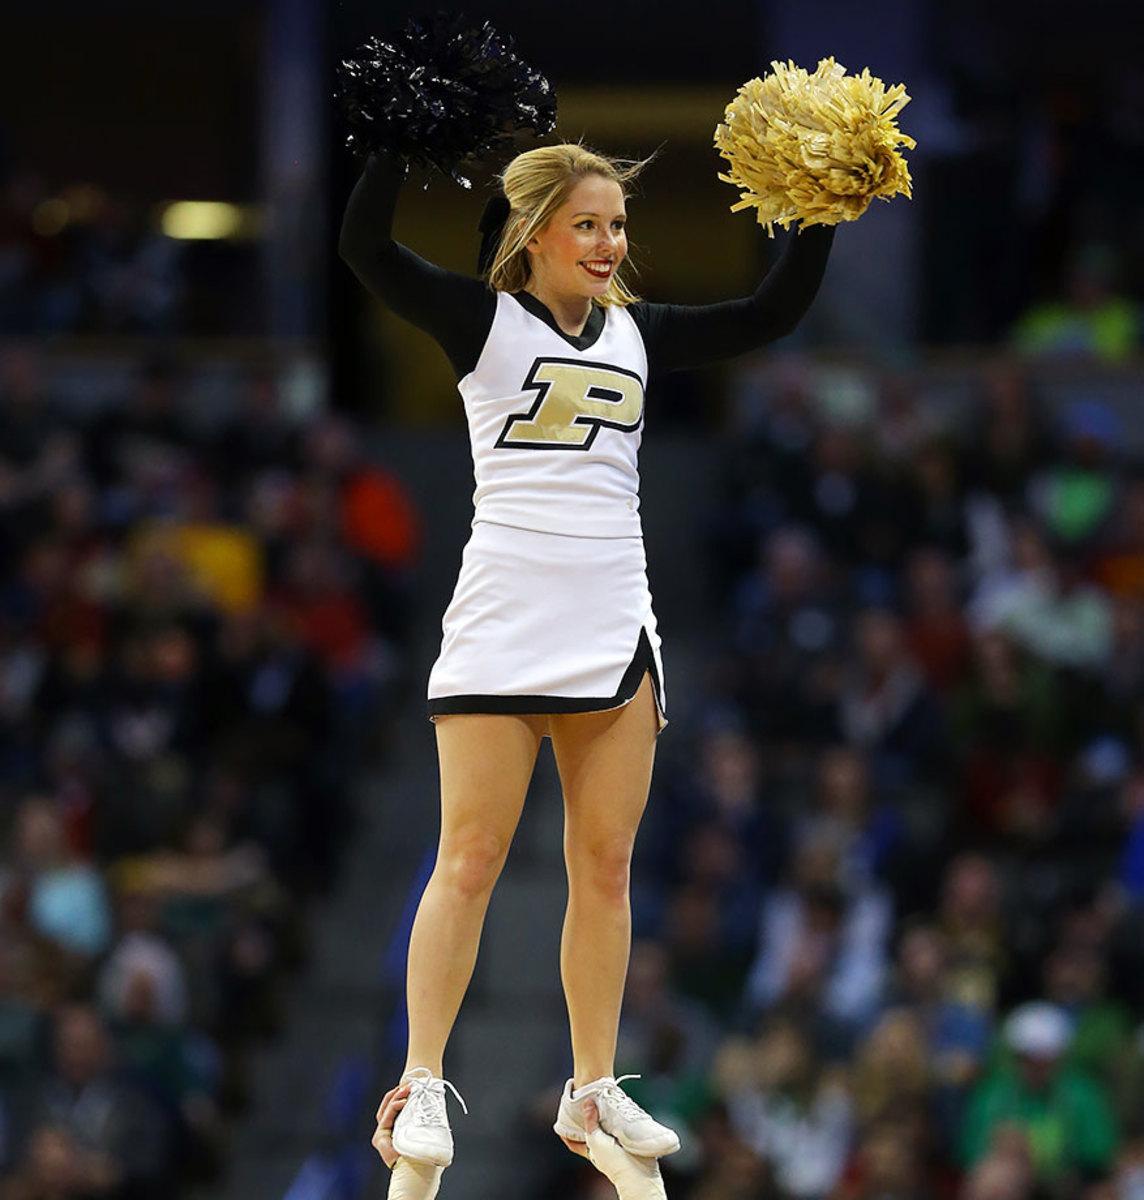 Purdue-cheerleaders-516195190.jpg